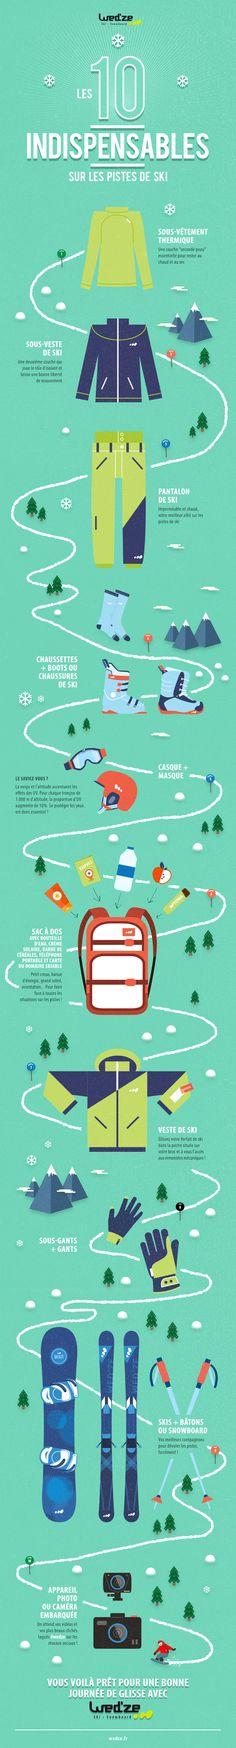 10 indispensables sur les pistes de ski Wedze - creation Virginie Douay - illustration Wedze